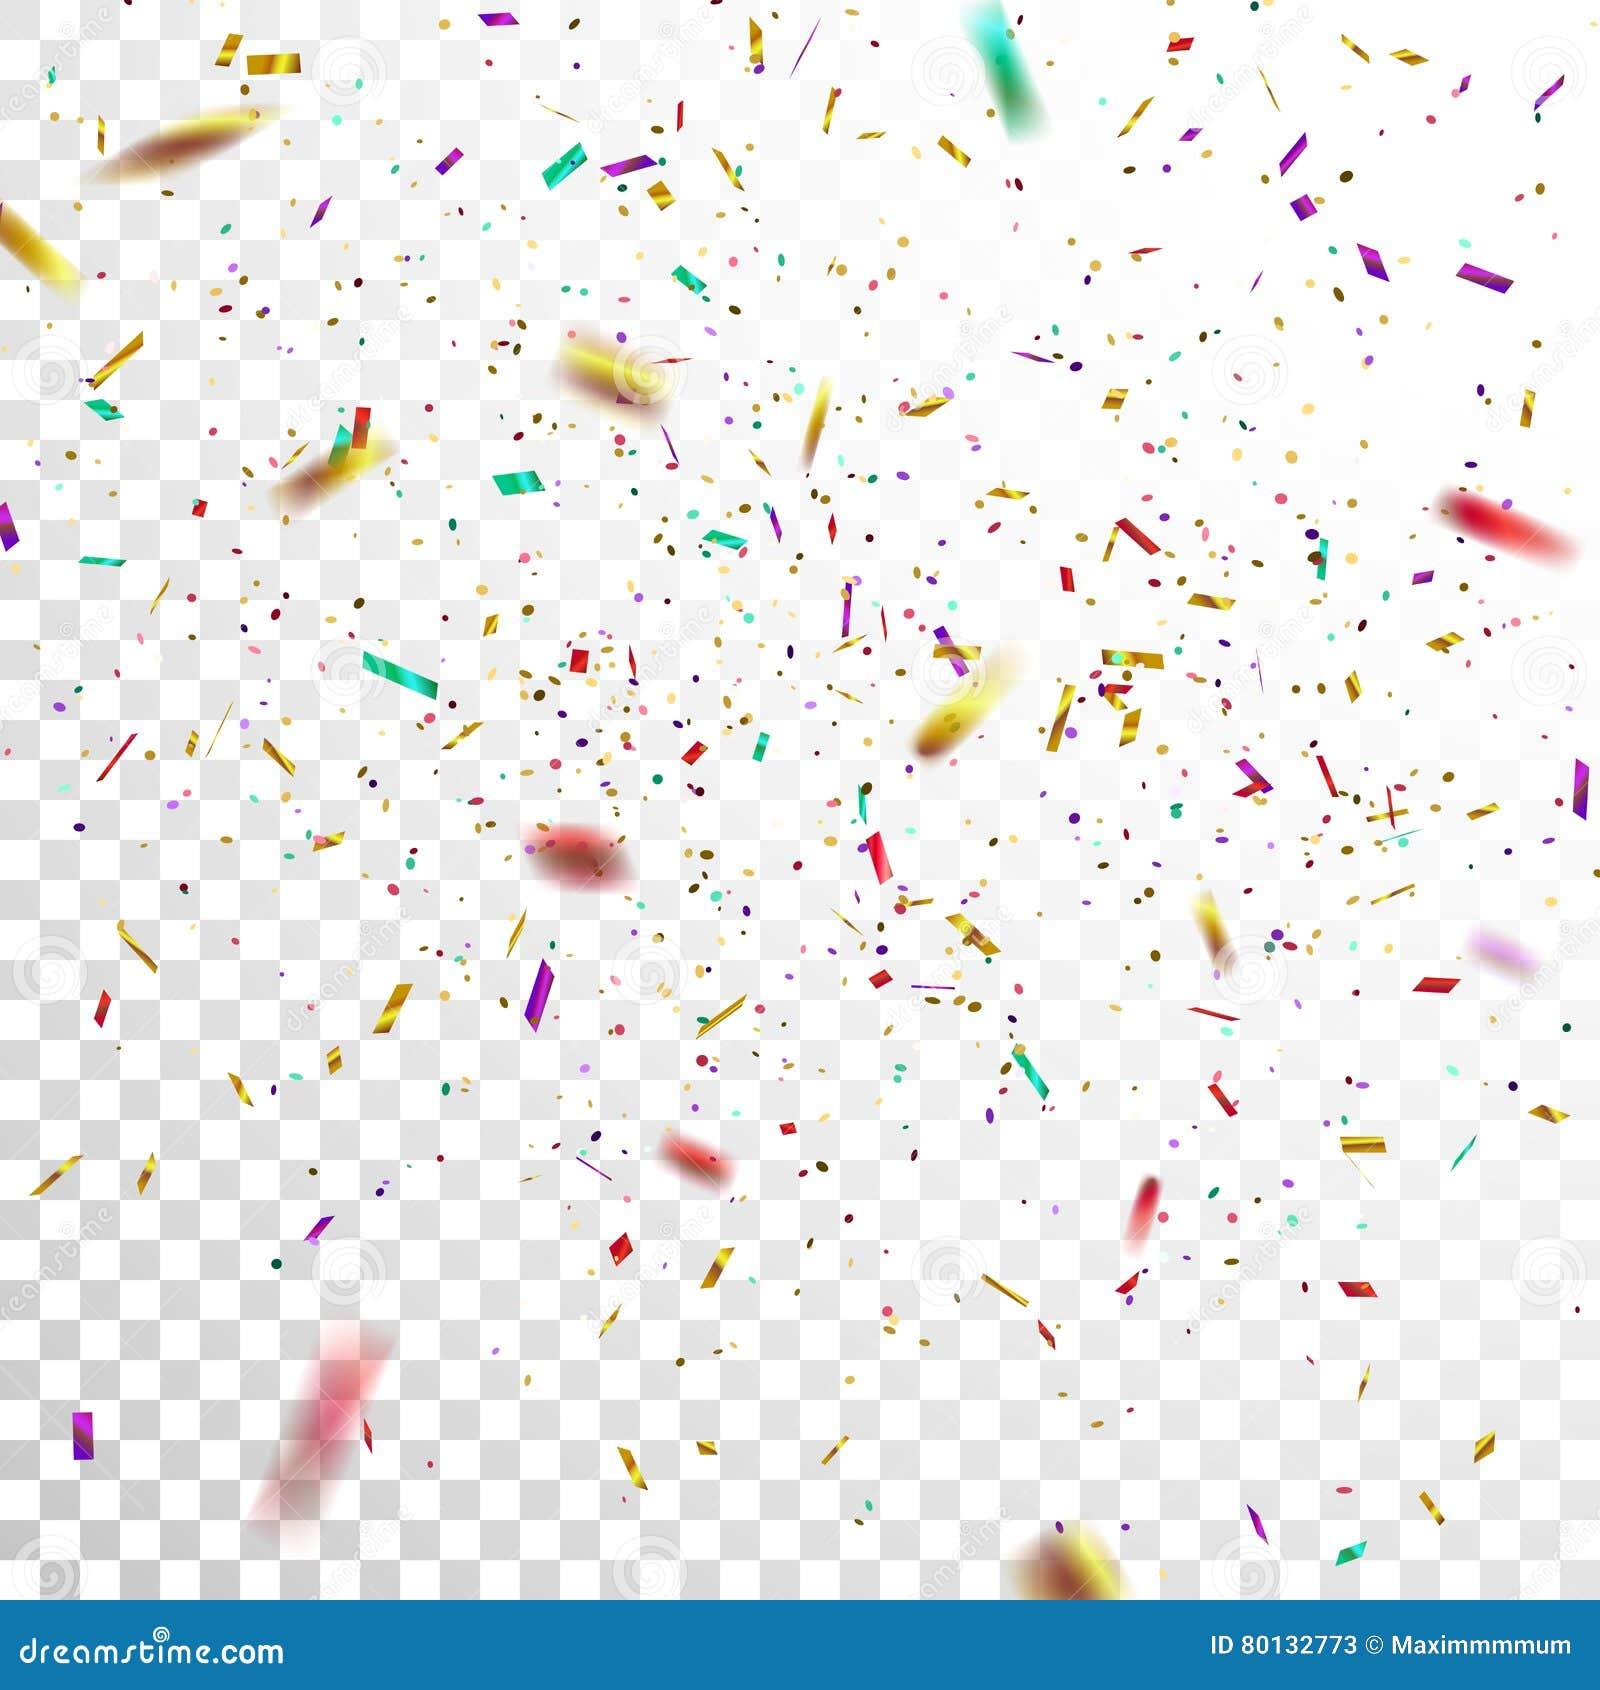 Colorful Confetti.